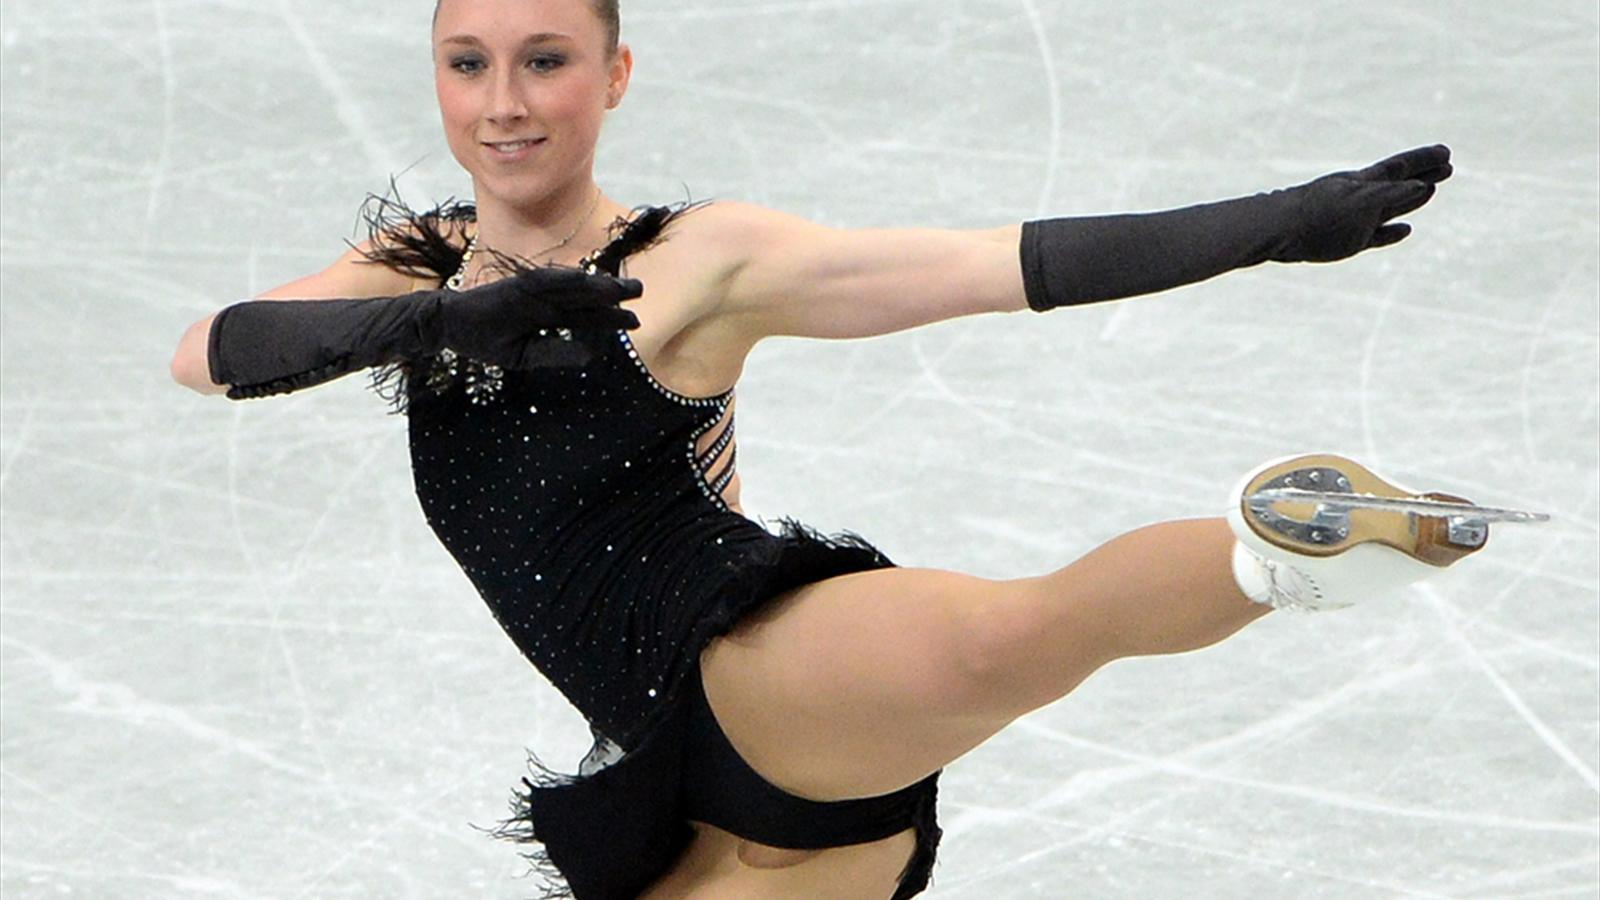 Rang sieben für Weinzierl - Medwedewa neue Europameisterin - Eiskunstlauf - Eurosport Deutschland